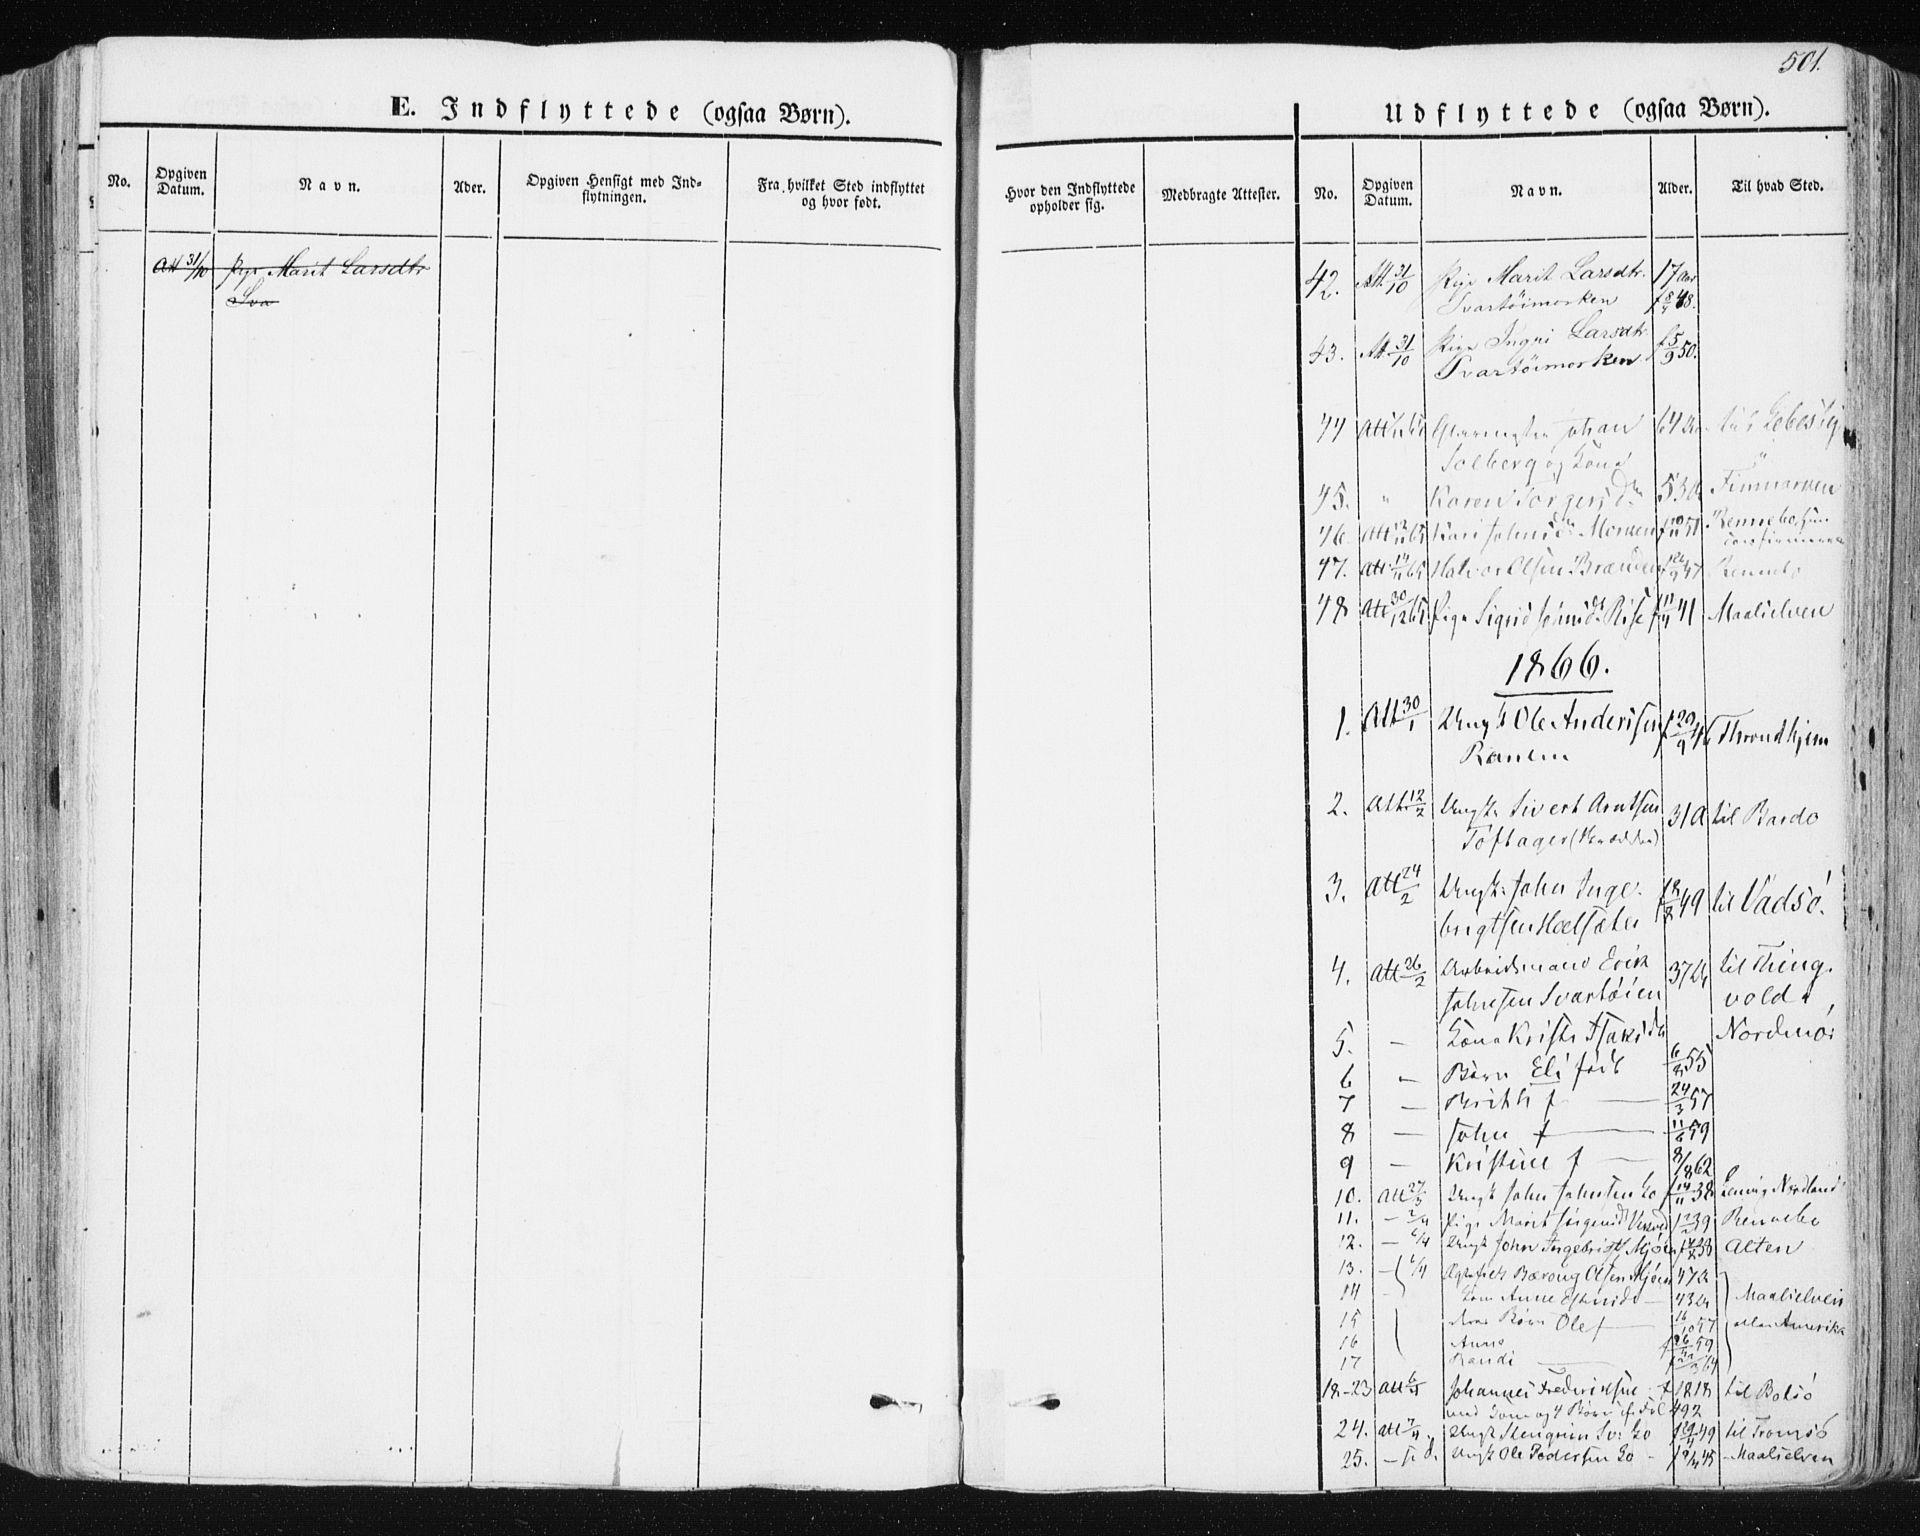 SAT, Ministerialprotokoller, klokkerbøker og fødselsregistre - Sør-Trøndelag, 678/L0899: Ministerialbok nr. 678A08, 1848-1872, s. 501